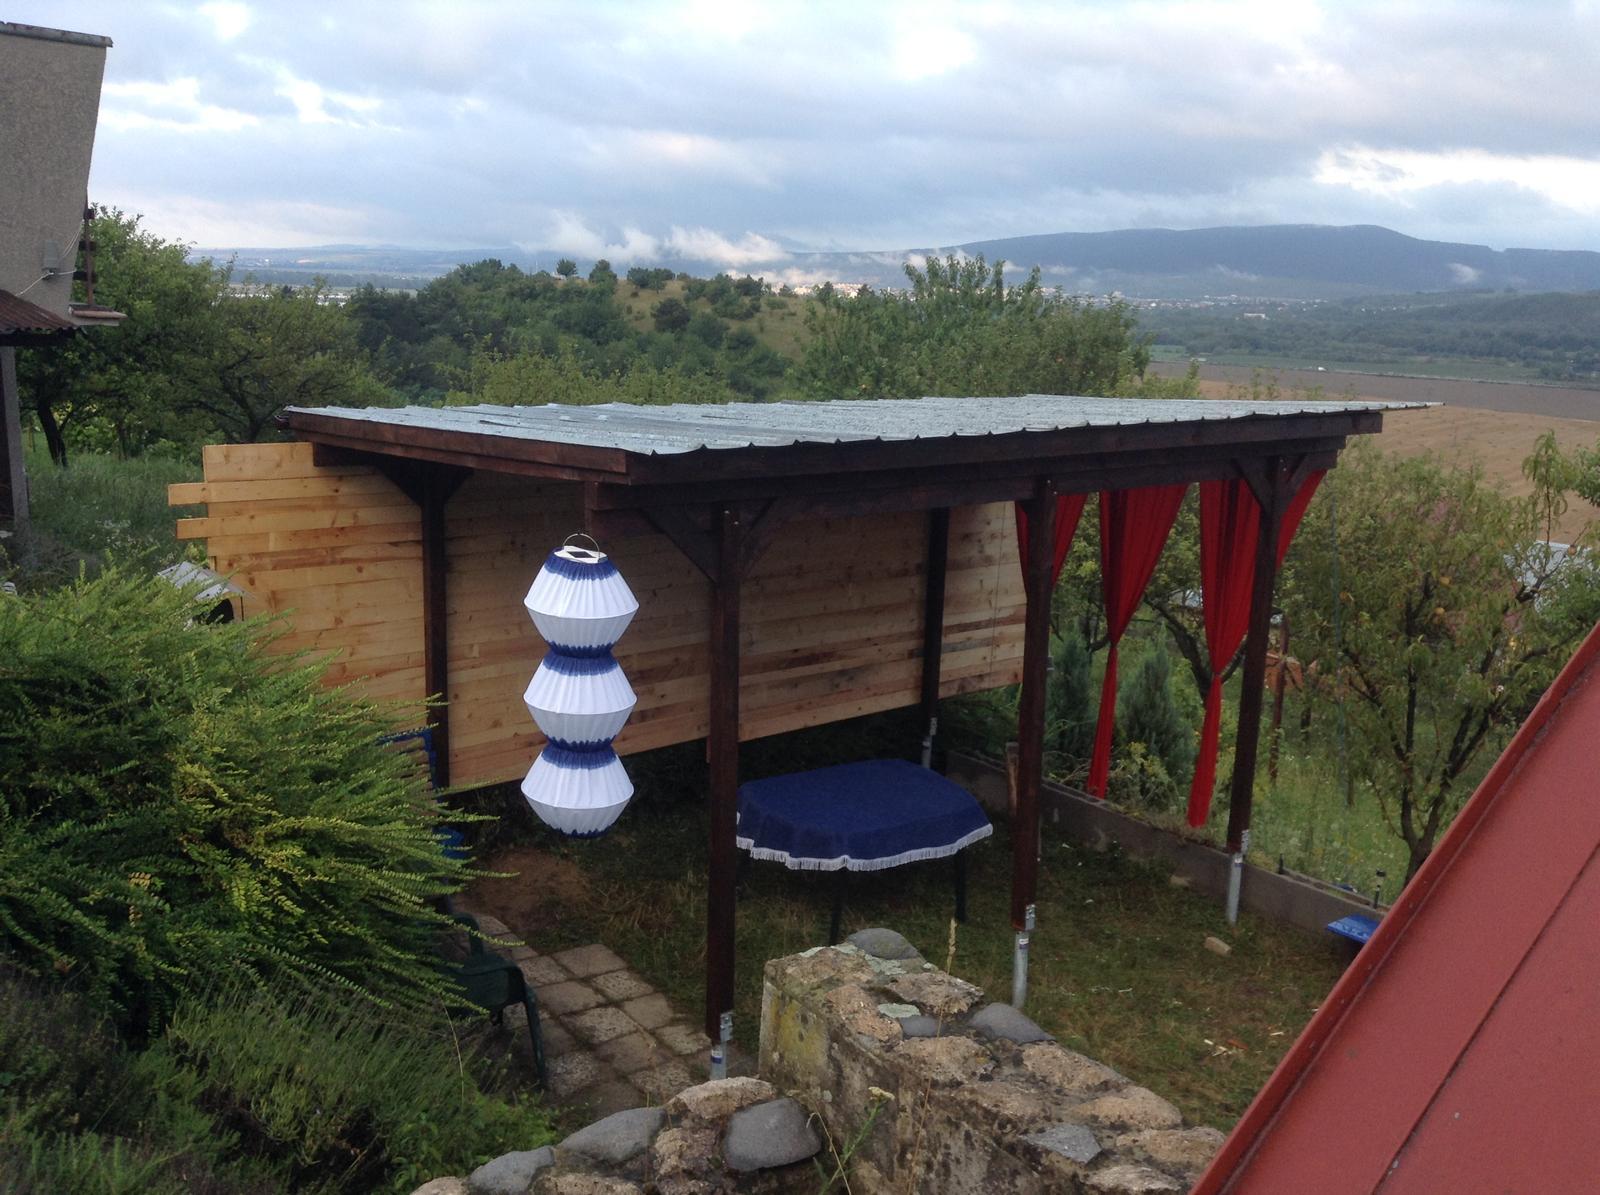 Domček - stavba altánku - celkový pohľad - stav 01.08.2016 ráno